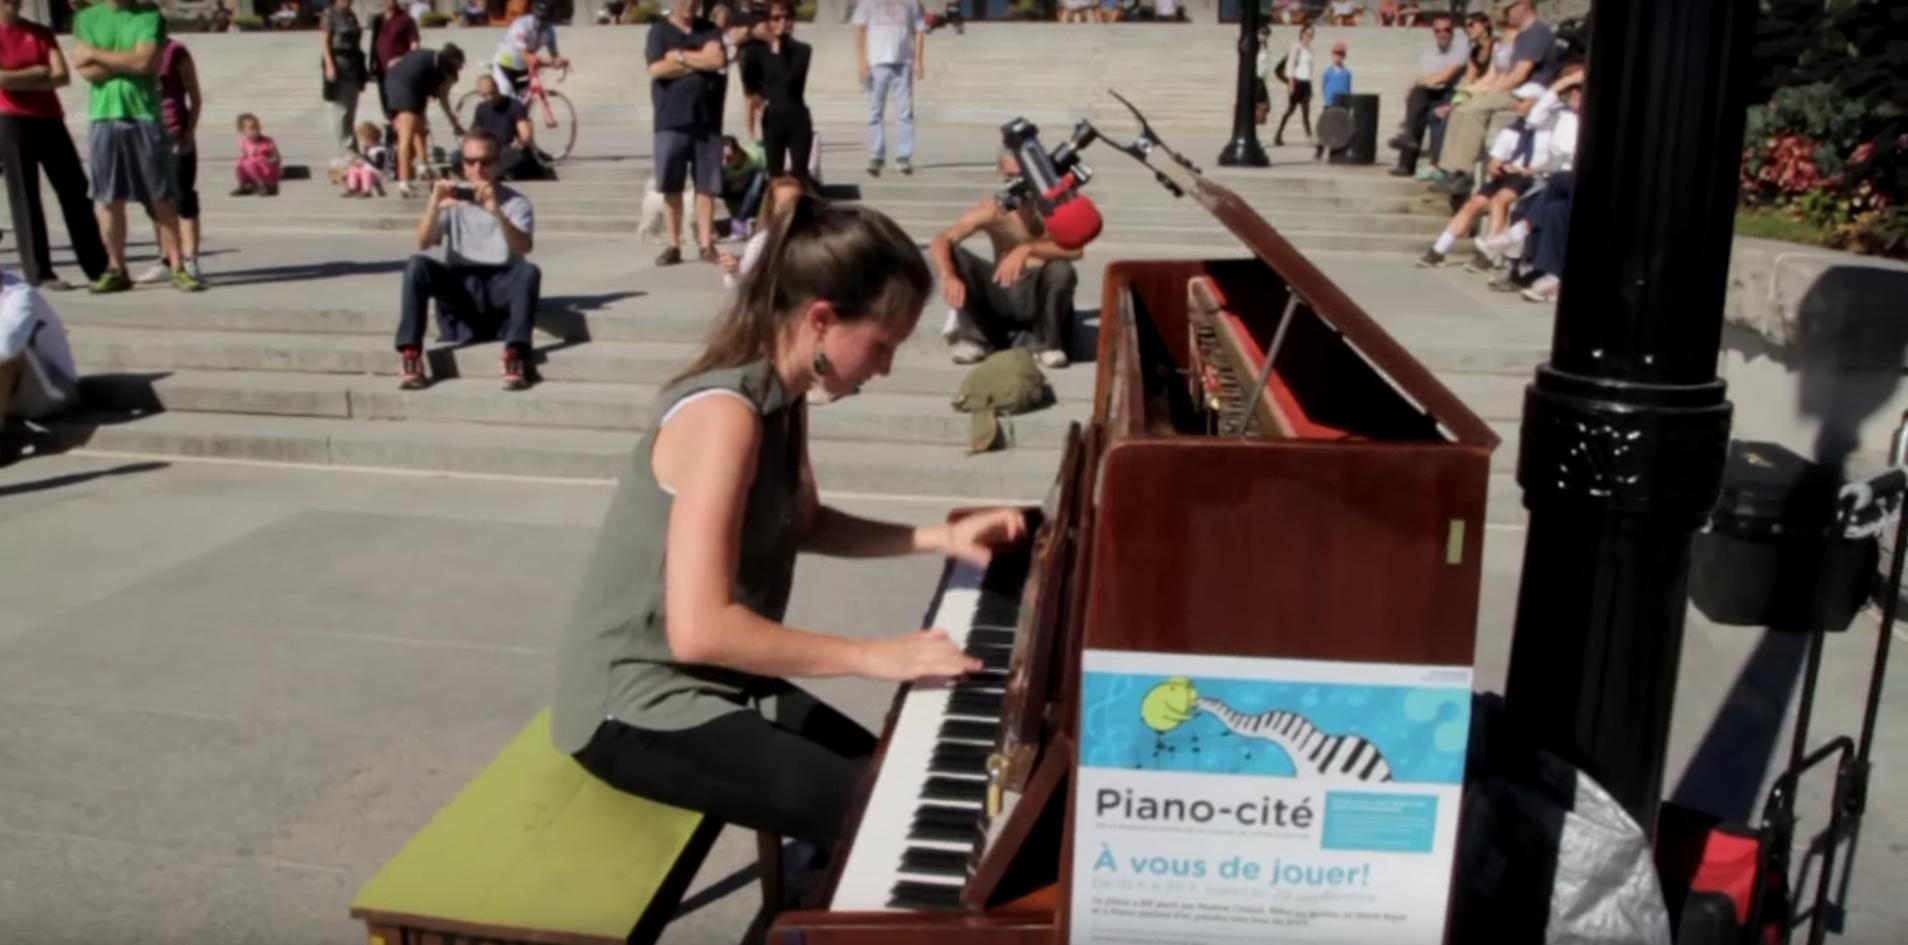 pianista-callejara1